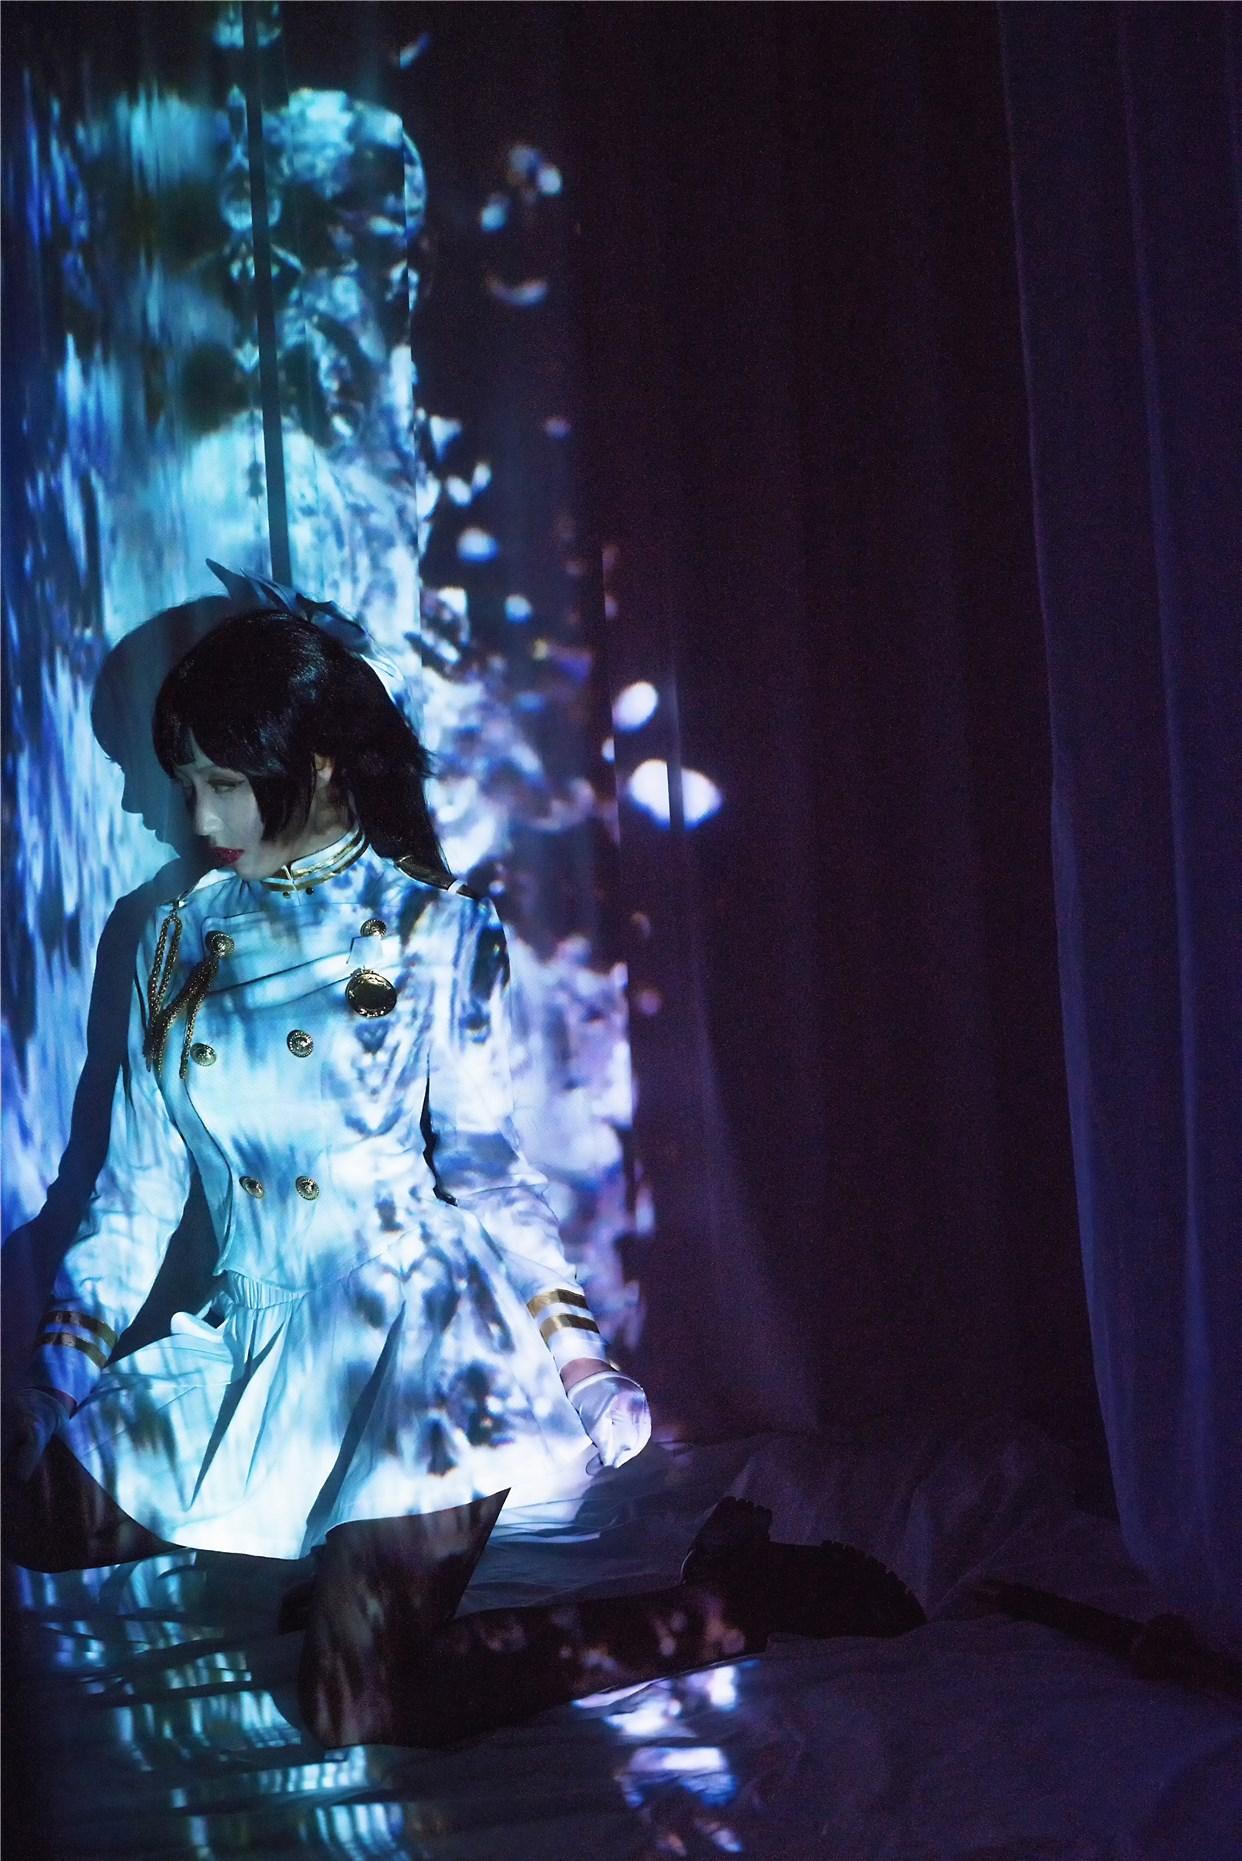 【兔玩映画】碧蓝航线 高雄 獒 兔玩映画 第32张